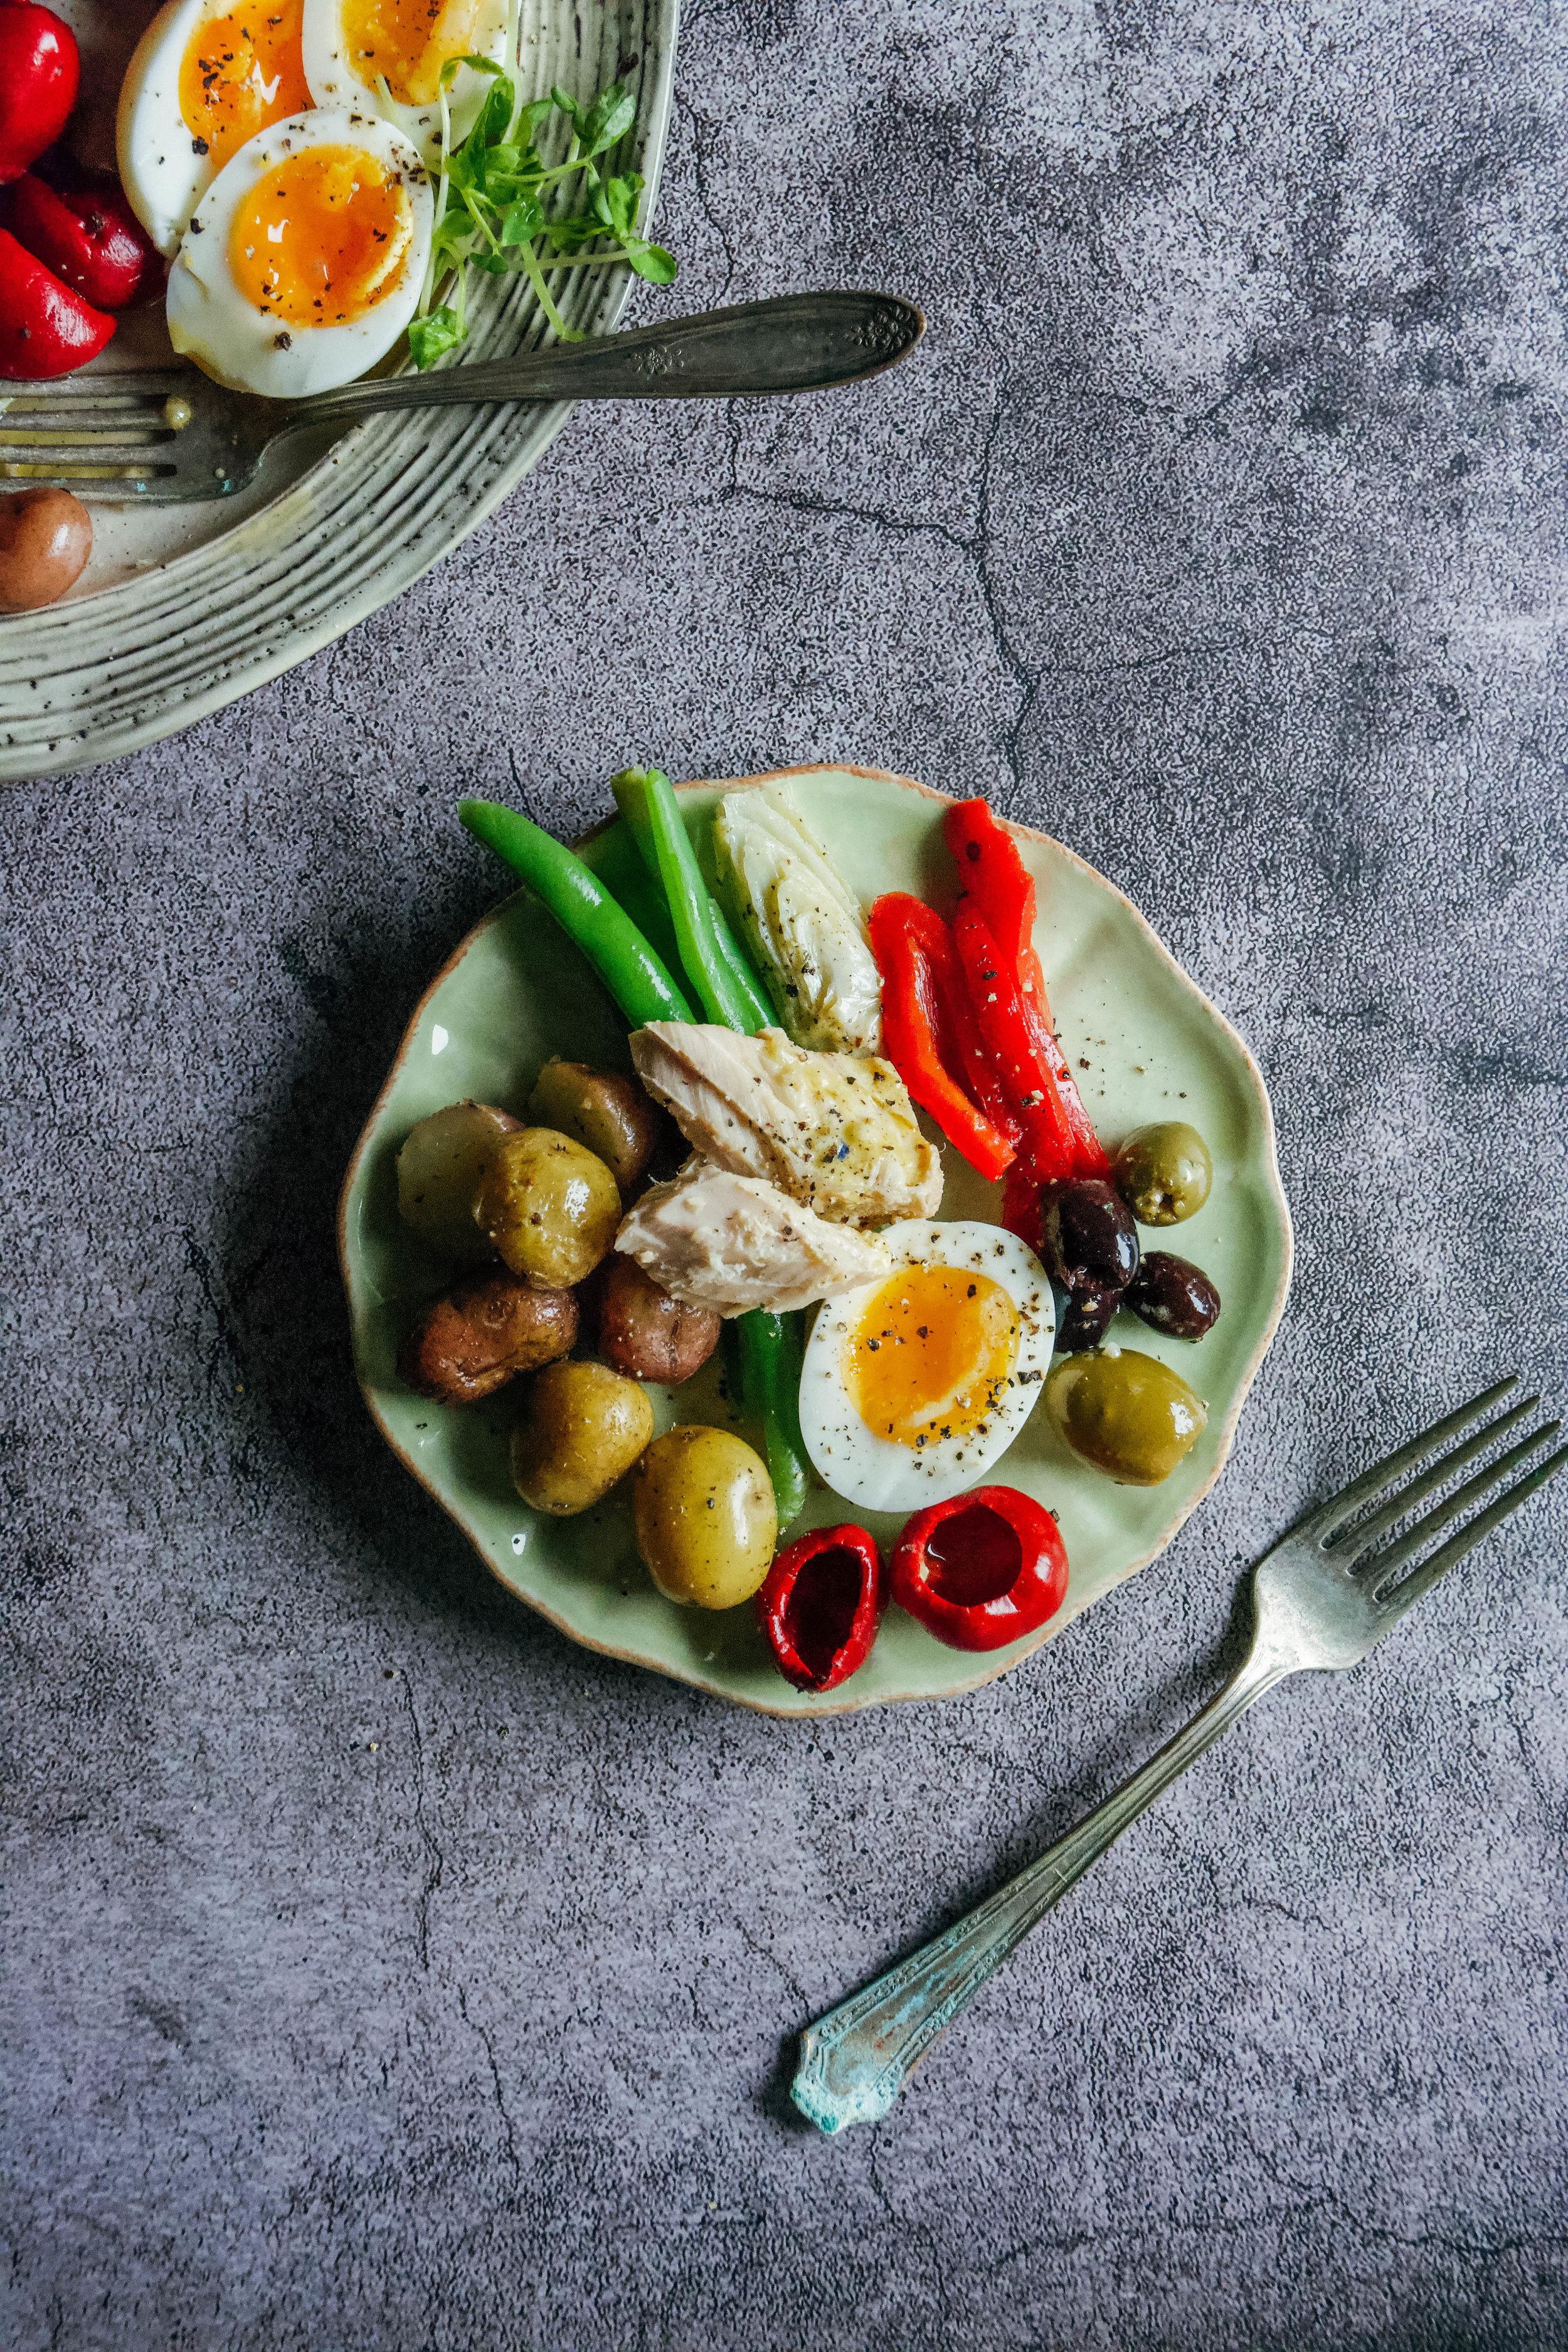 salad nicoise-13.jpg